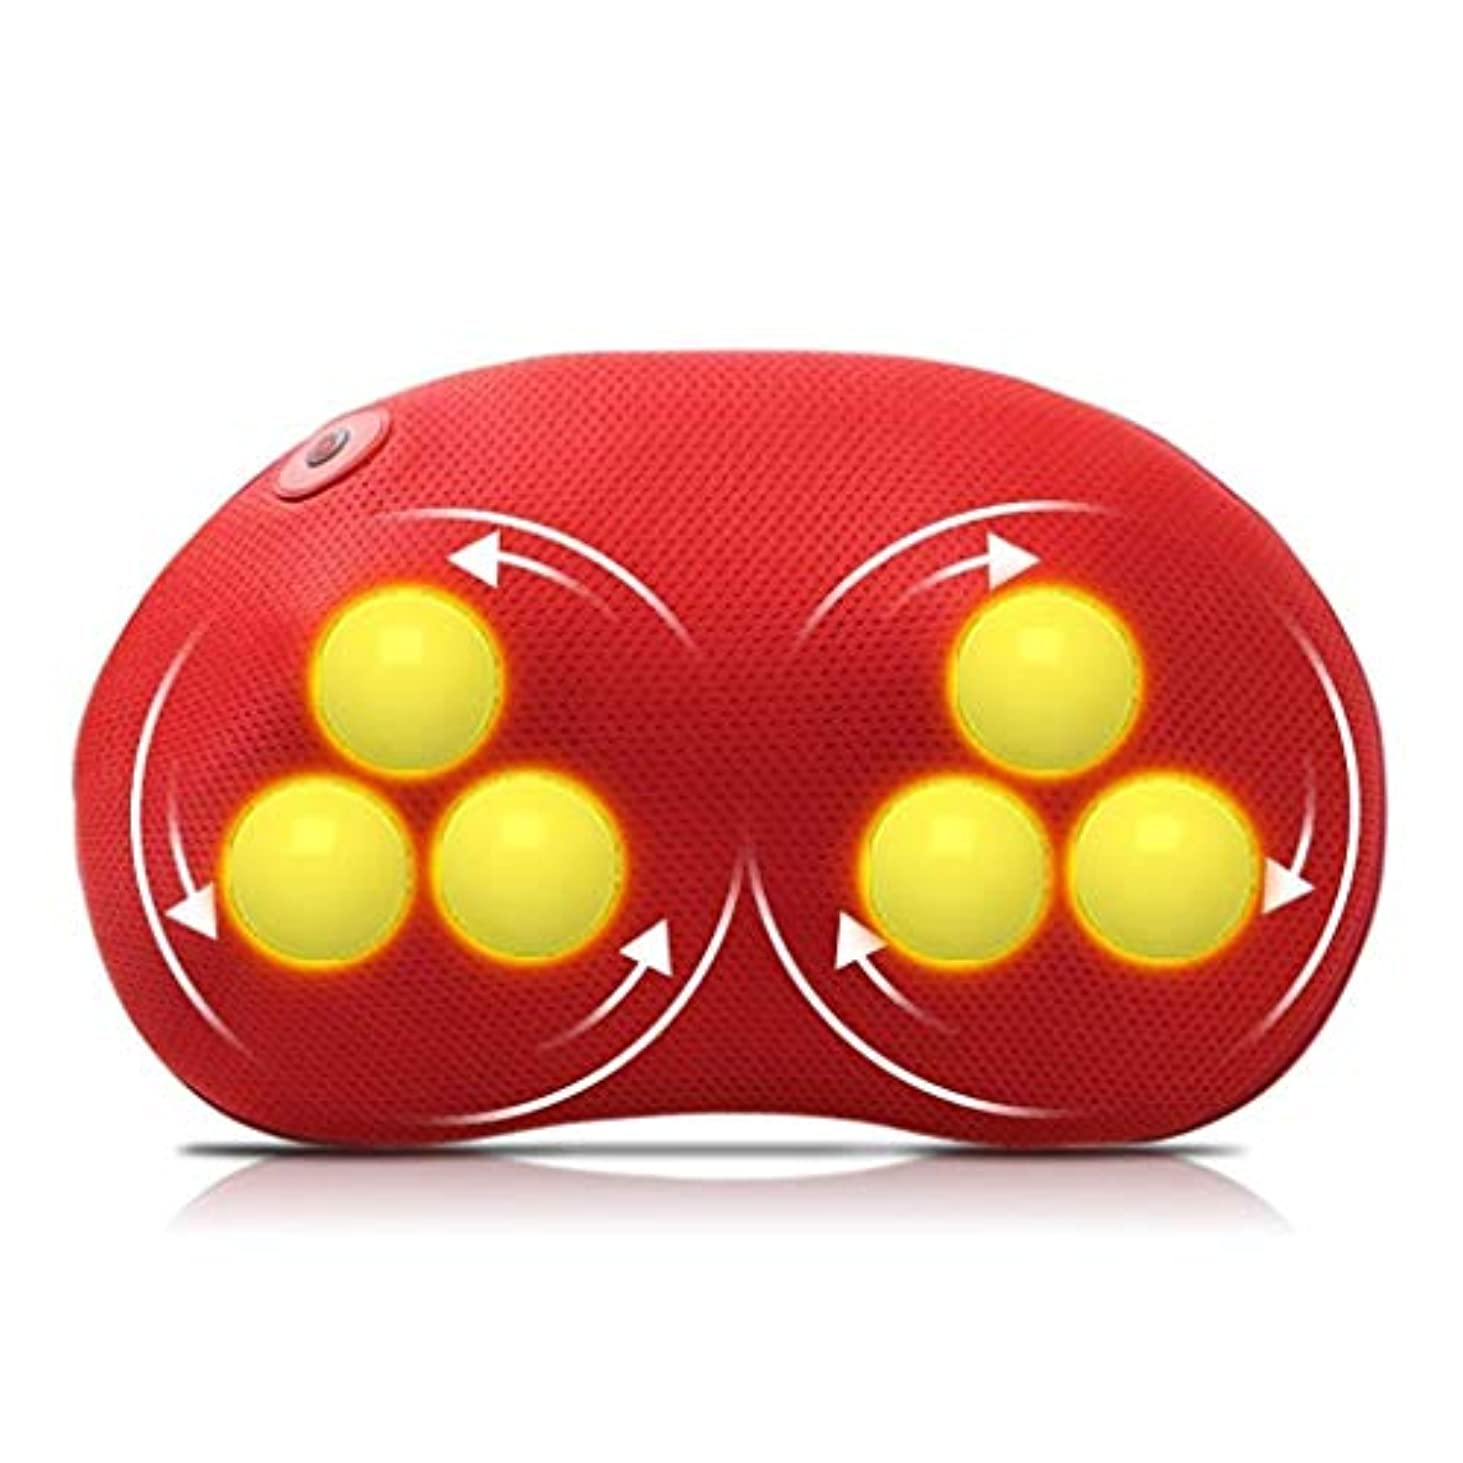 頼るレディ親密なマッサージ枕、首と背中の3Dマッサージ、熱、深練り、首と背中、肩のリラクゼーション筋肉、ホームオフィスでの使用 (Color : 赤)